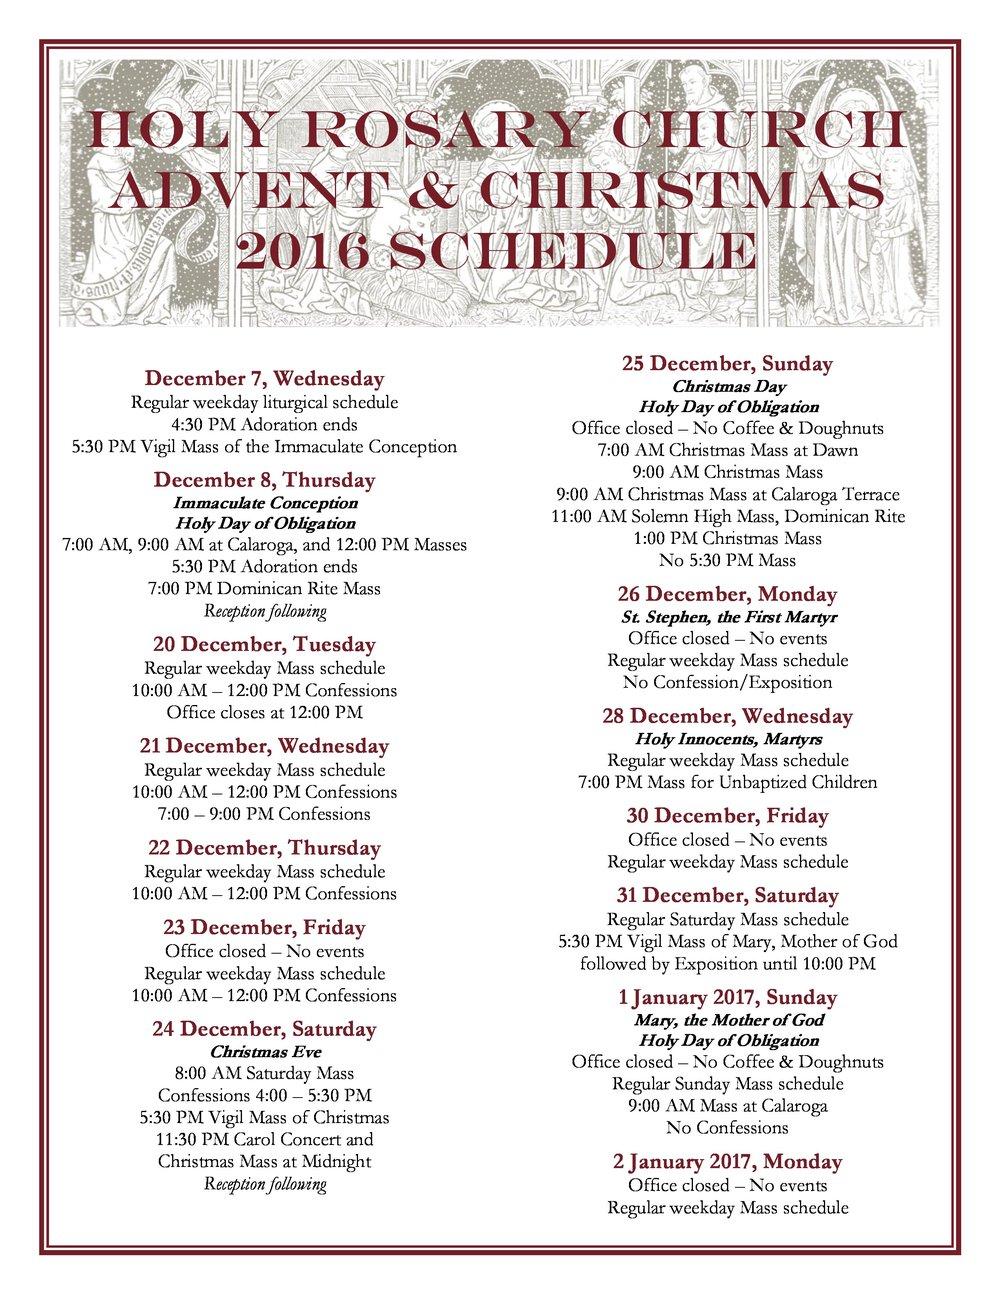 Christmast Schedule 2016